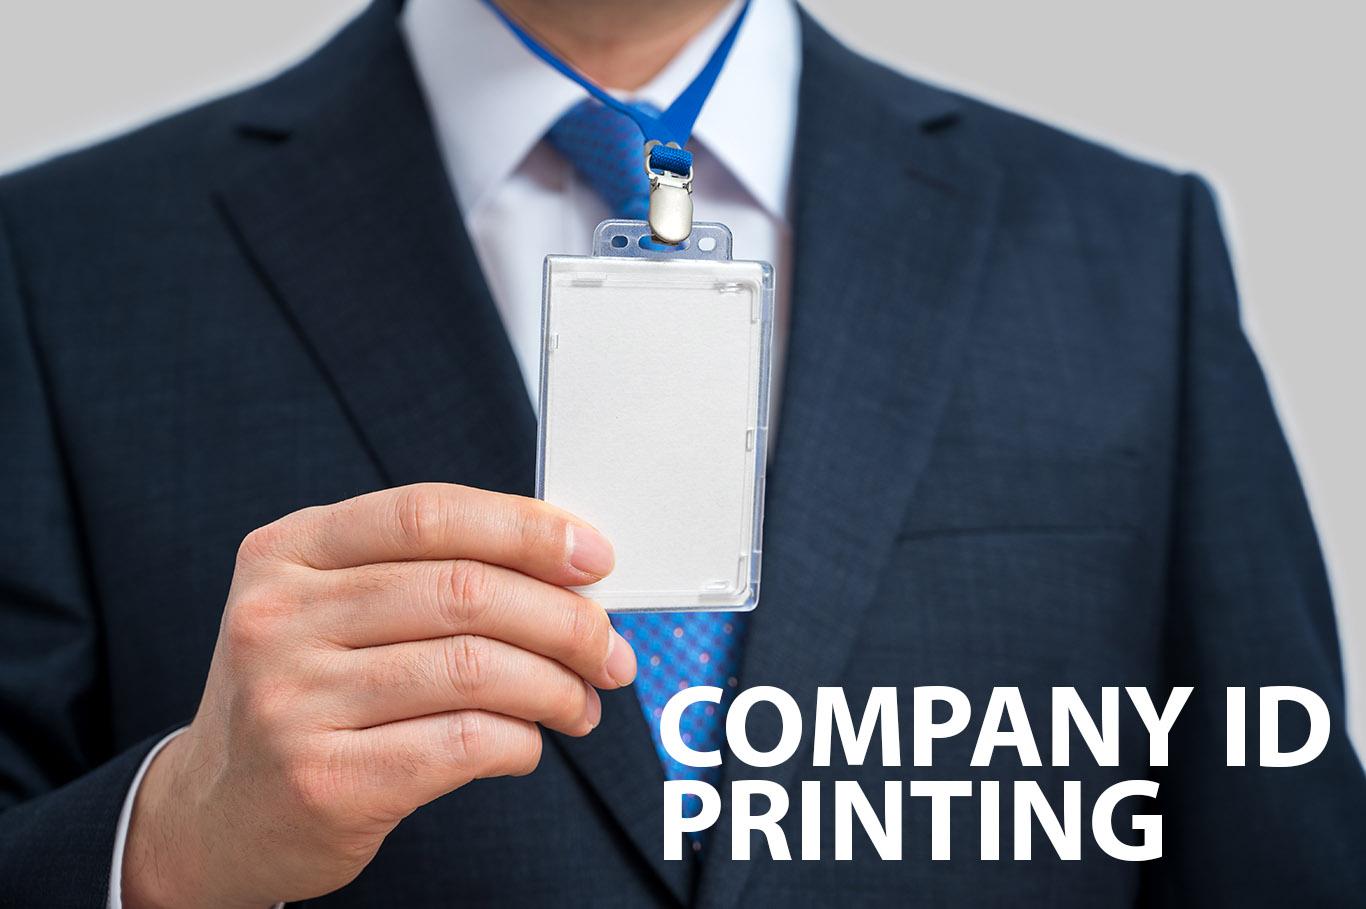 Company ID Printing